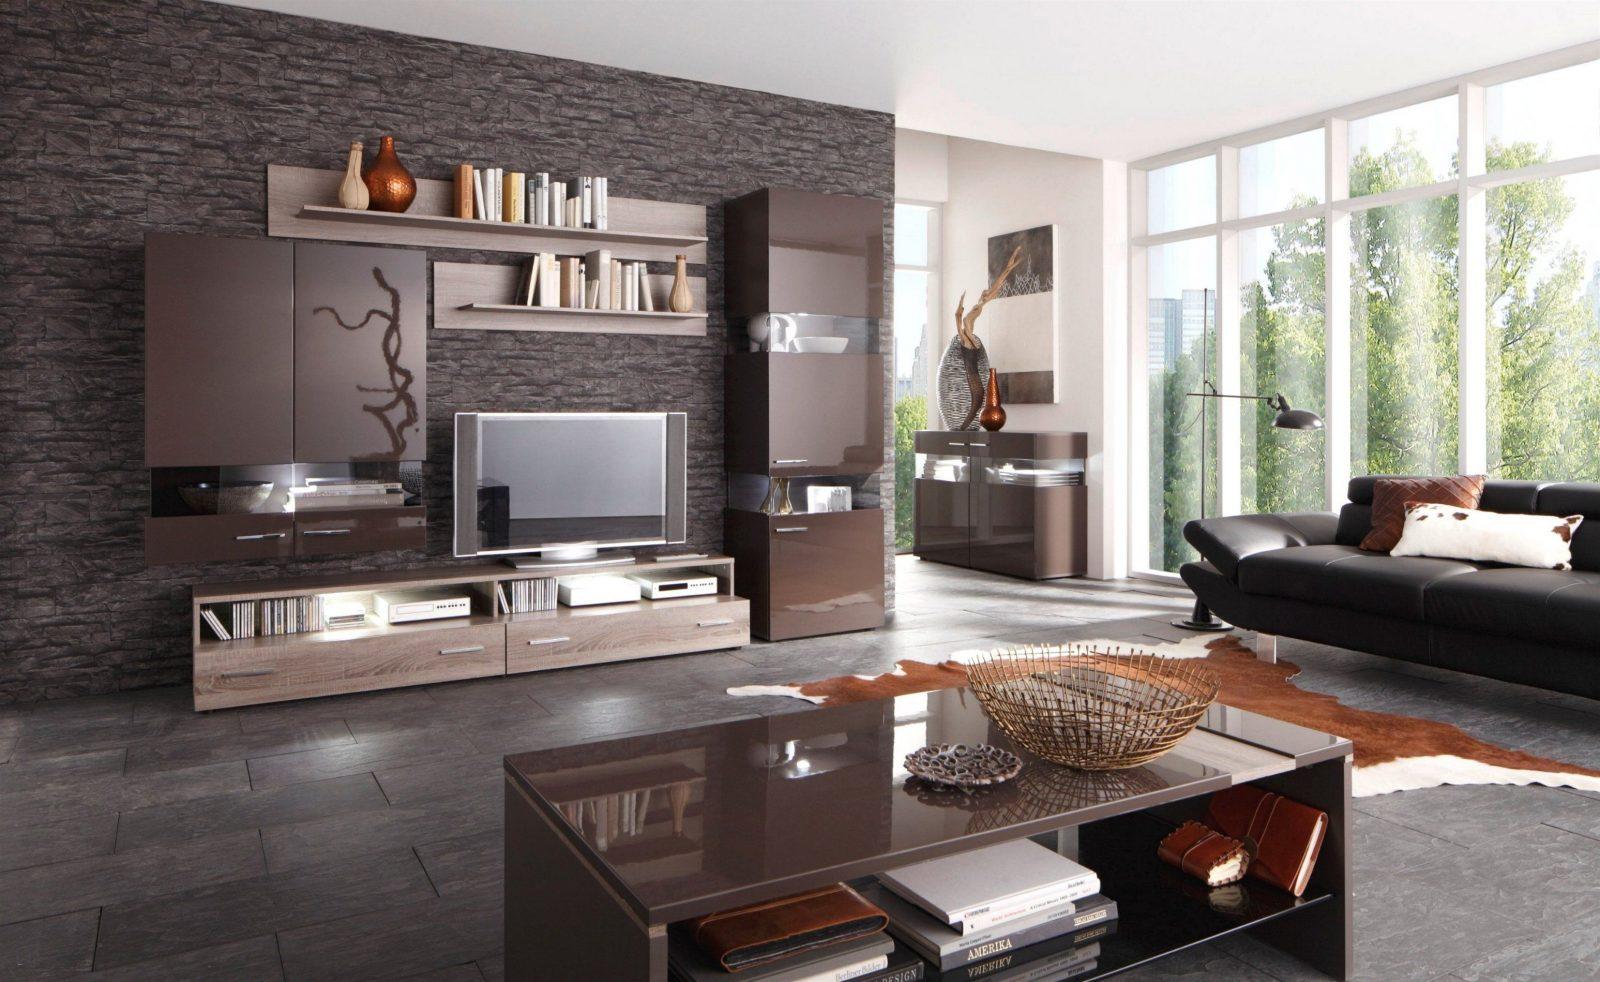 Moderne Wohnzimmer Mit Offener Küche Schön 28 Moderne Wohnzimmer Mit von Moderne Wohnzimmer Mit Offener Küche Bild